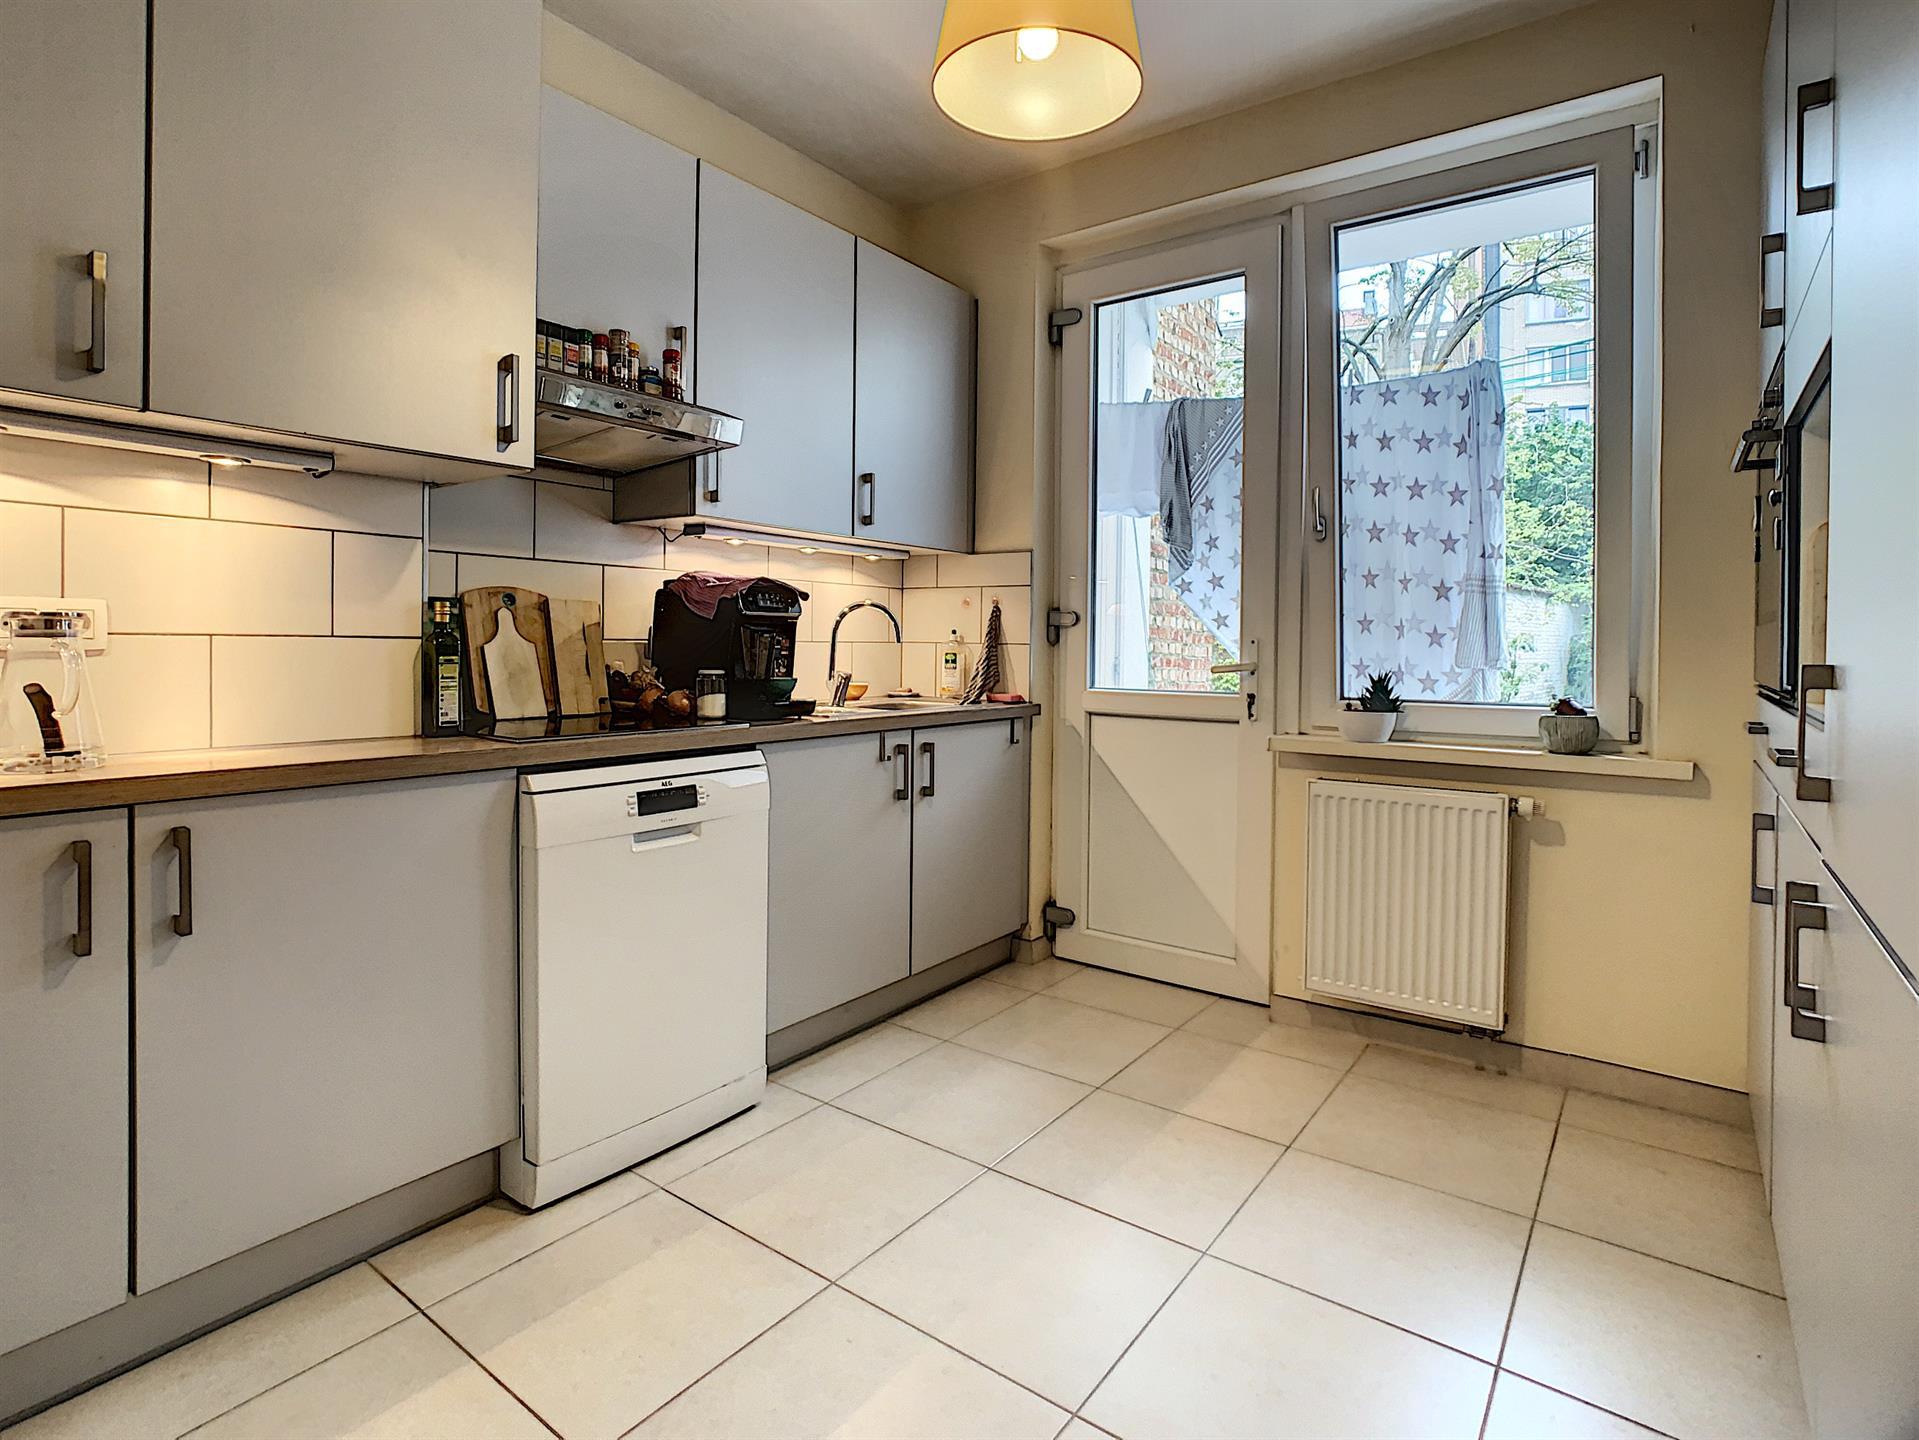 Appartement - Etterbeek - #4418245-2